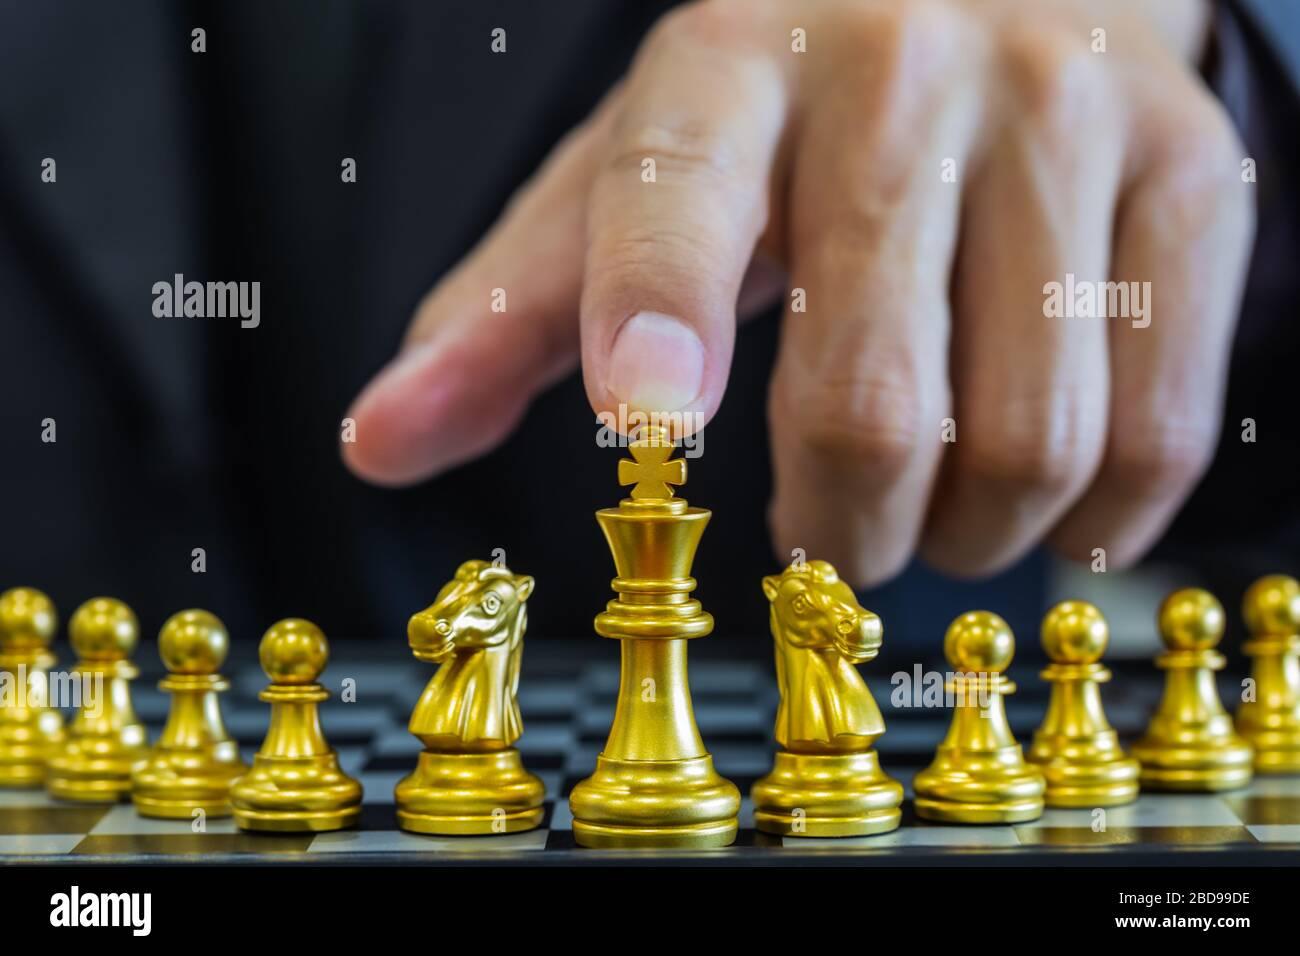 Jeu d'échecs sur le tableau d'échecs derrière l'arrière-plan de l'homme d'affaires. Concept d'affaires pour présenter l'information financière et l'analyse de stratégie de marketing. Investmen Banque D'Images